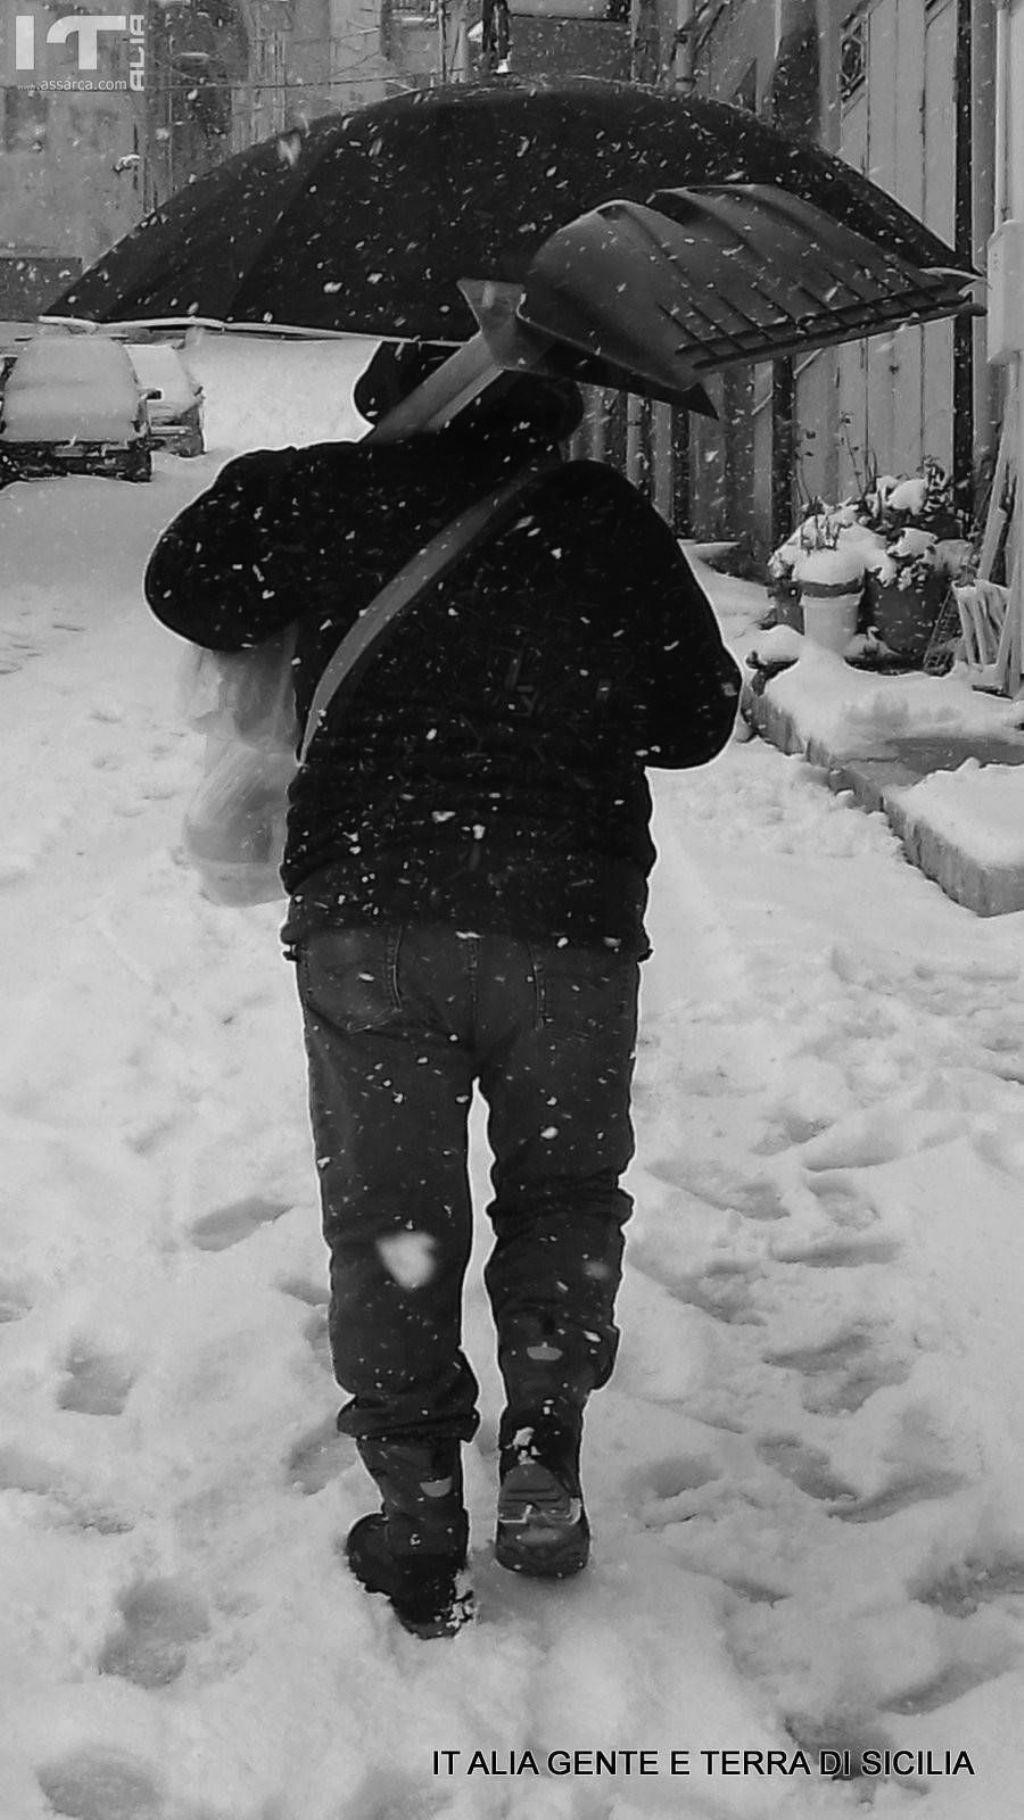 La neve in b/n